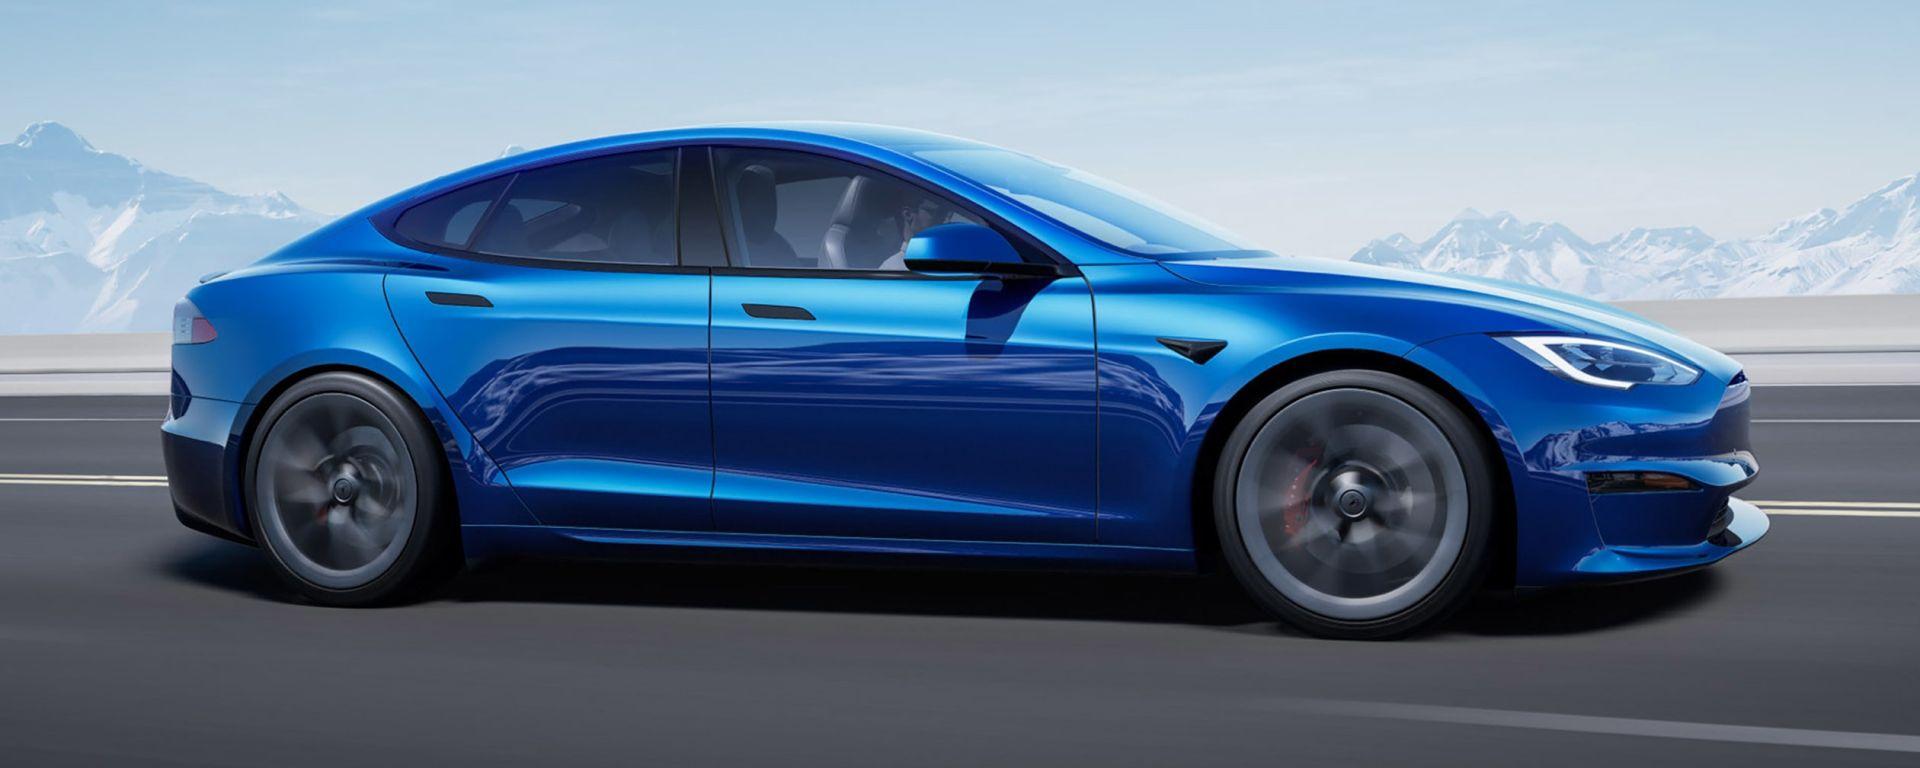 Tesla Model S e Model X 2021: stile più pungente e aerodinamico per la berlina